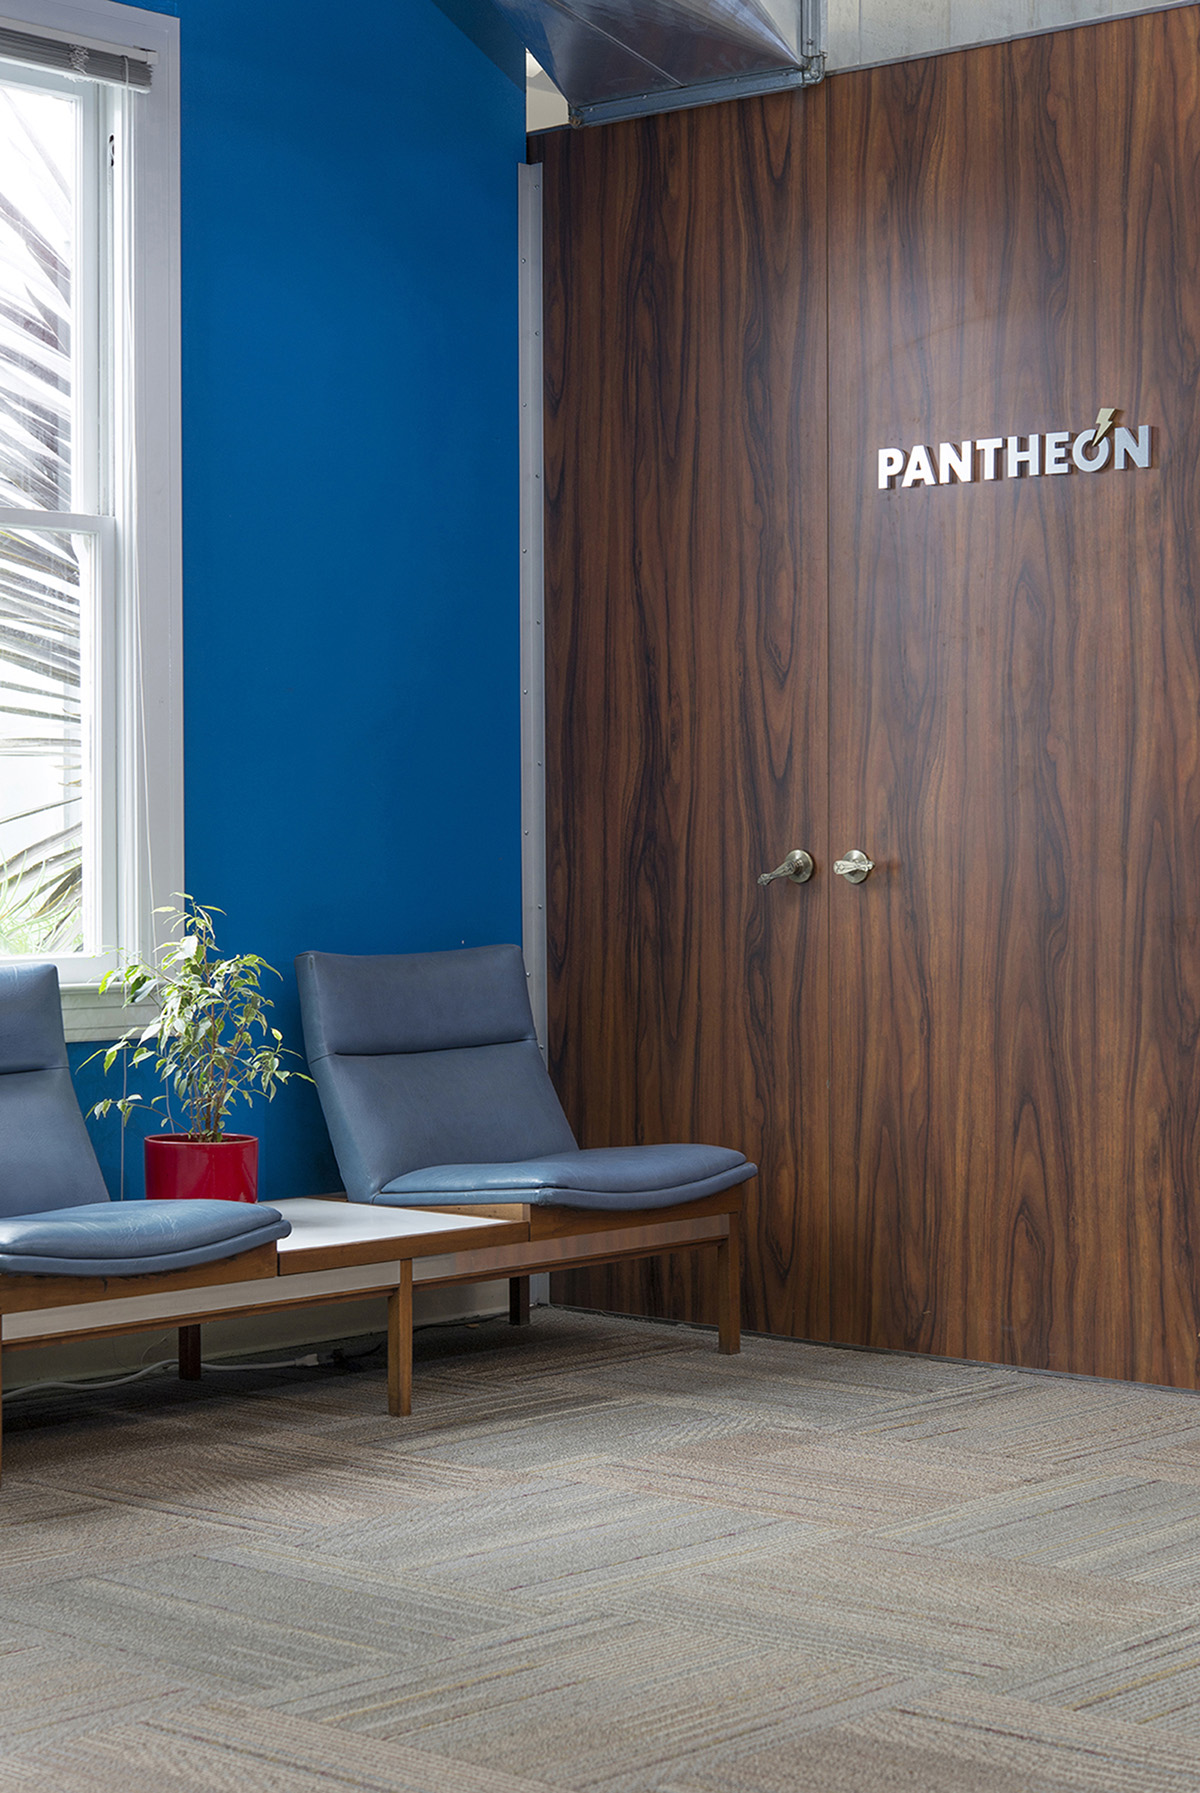 Pantheon_Signage